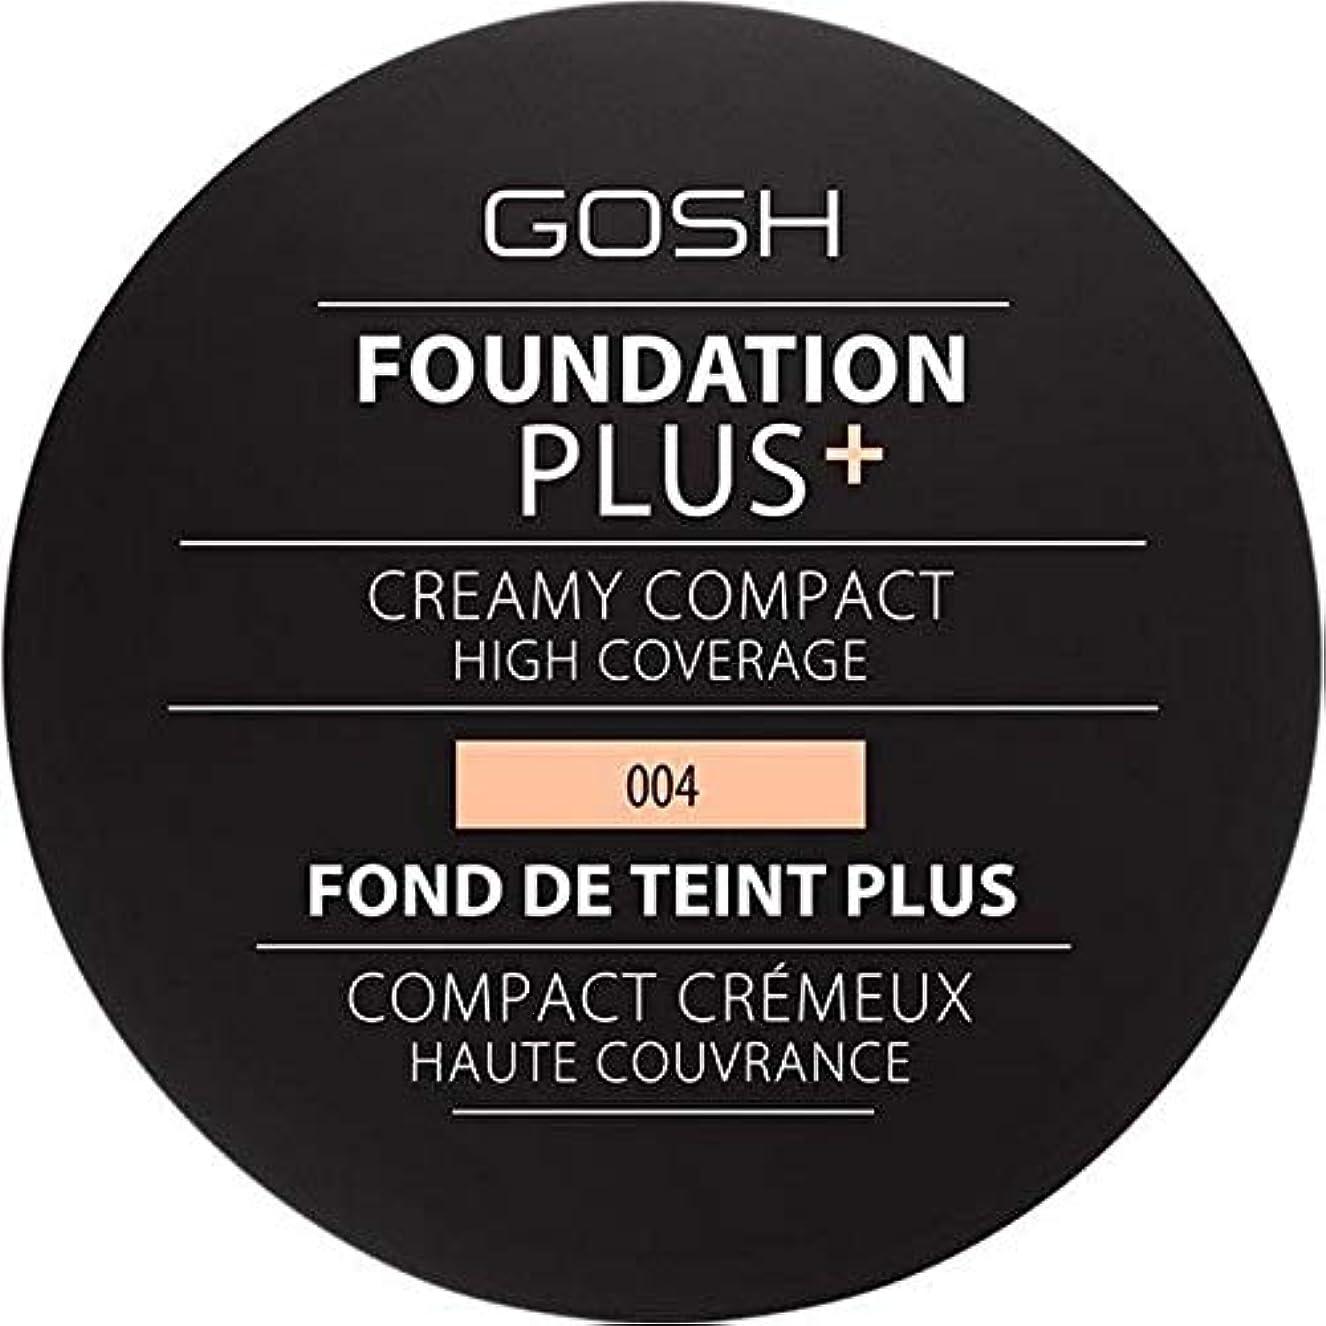 ぴかぴかトレイル宇宙船[GOSH ] 基礎プラス+クリーミーコンパクトな自然004 - Foundation Plus+ Creamy Compact Natural 004 [並行輸入品]